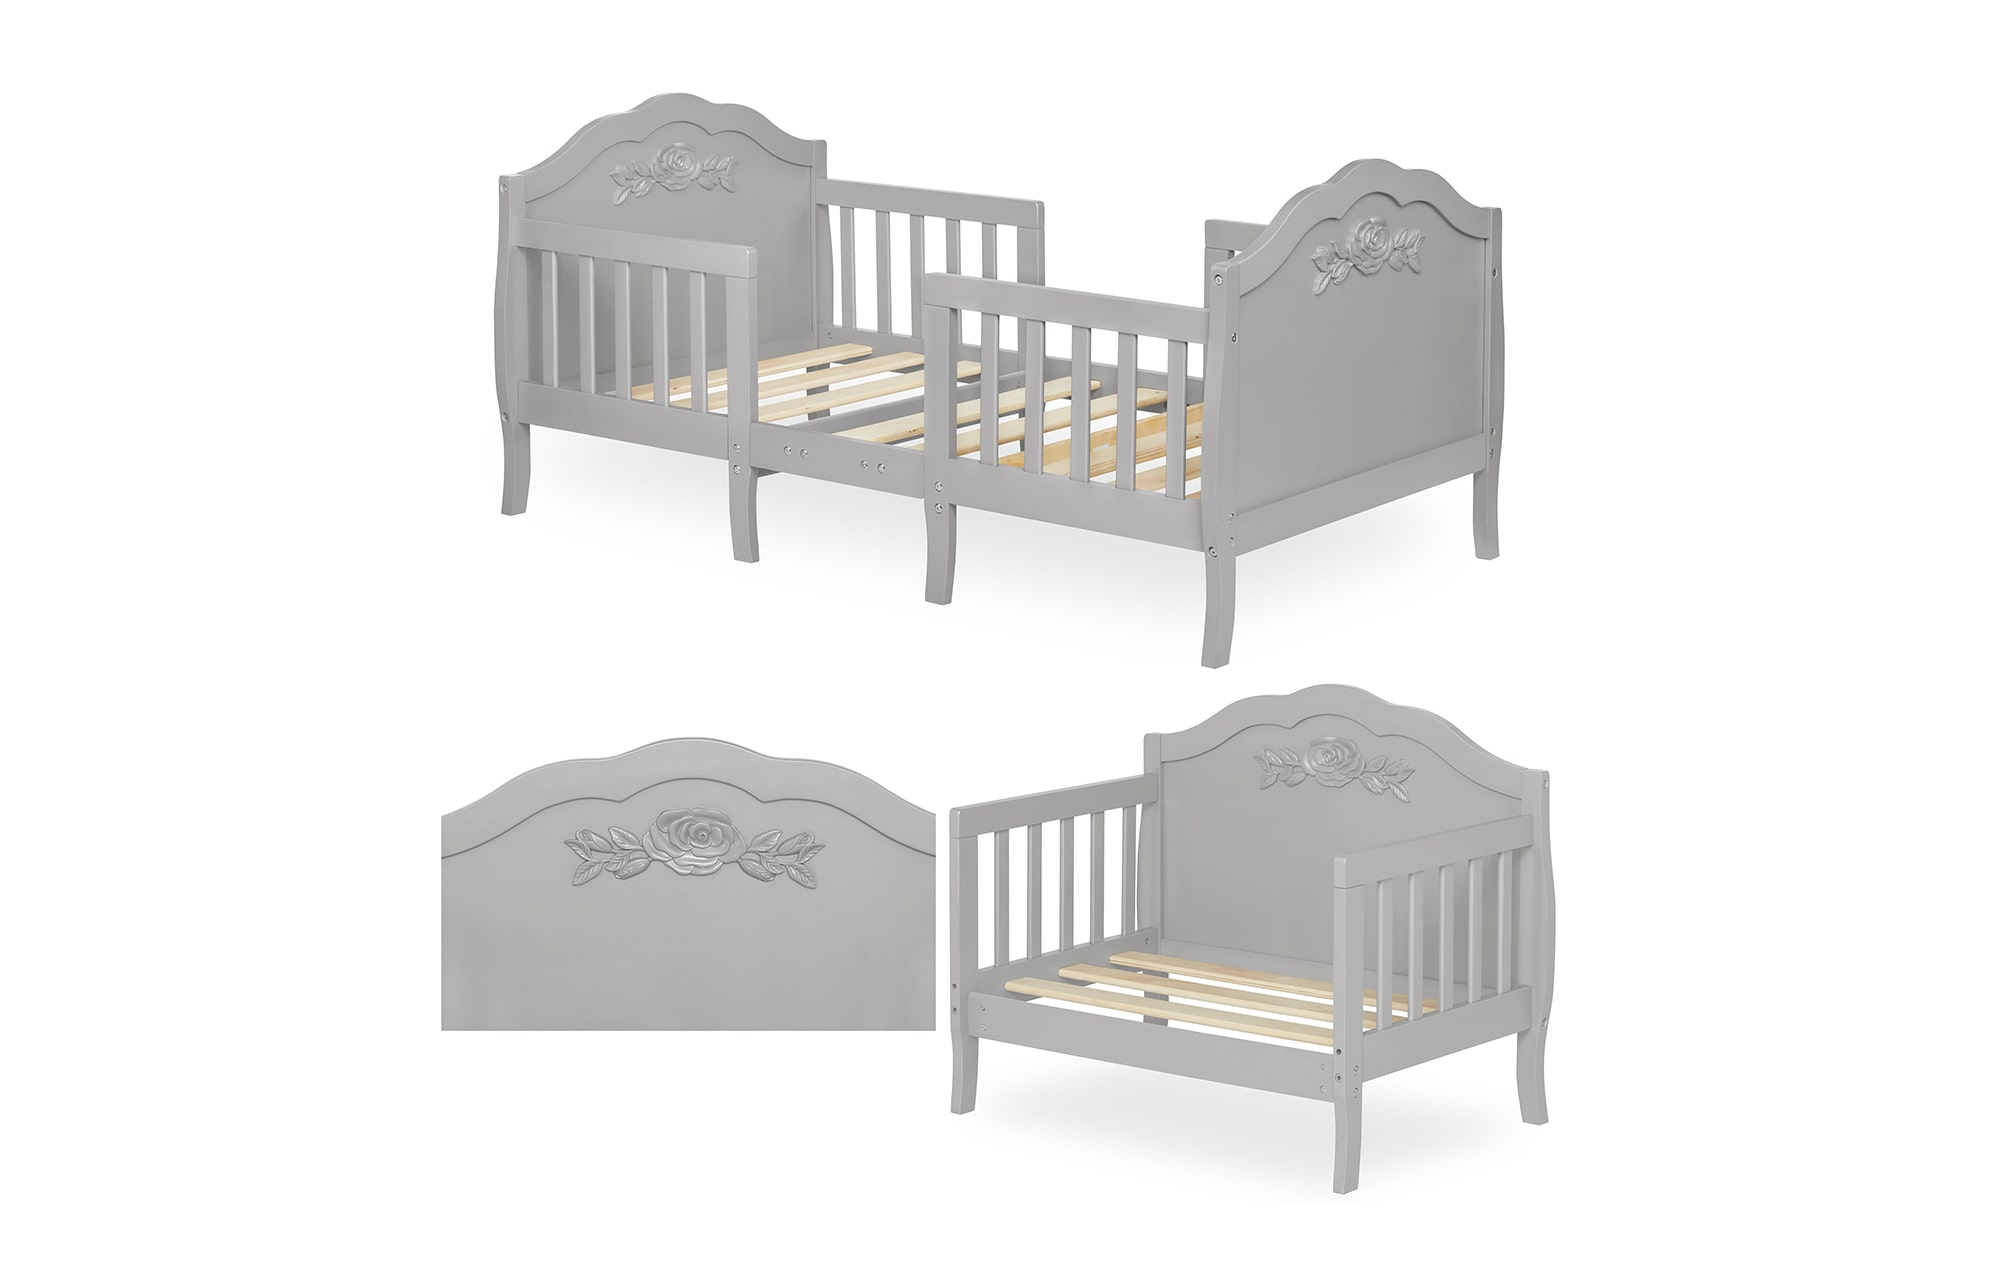 640_PLTM Rose Toddler Bed College 2